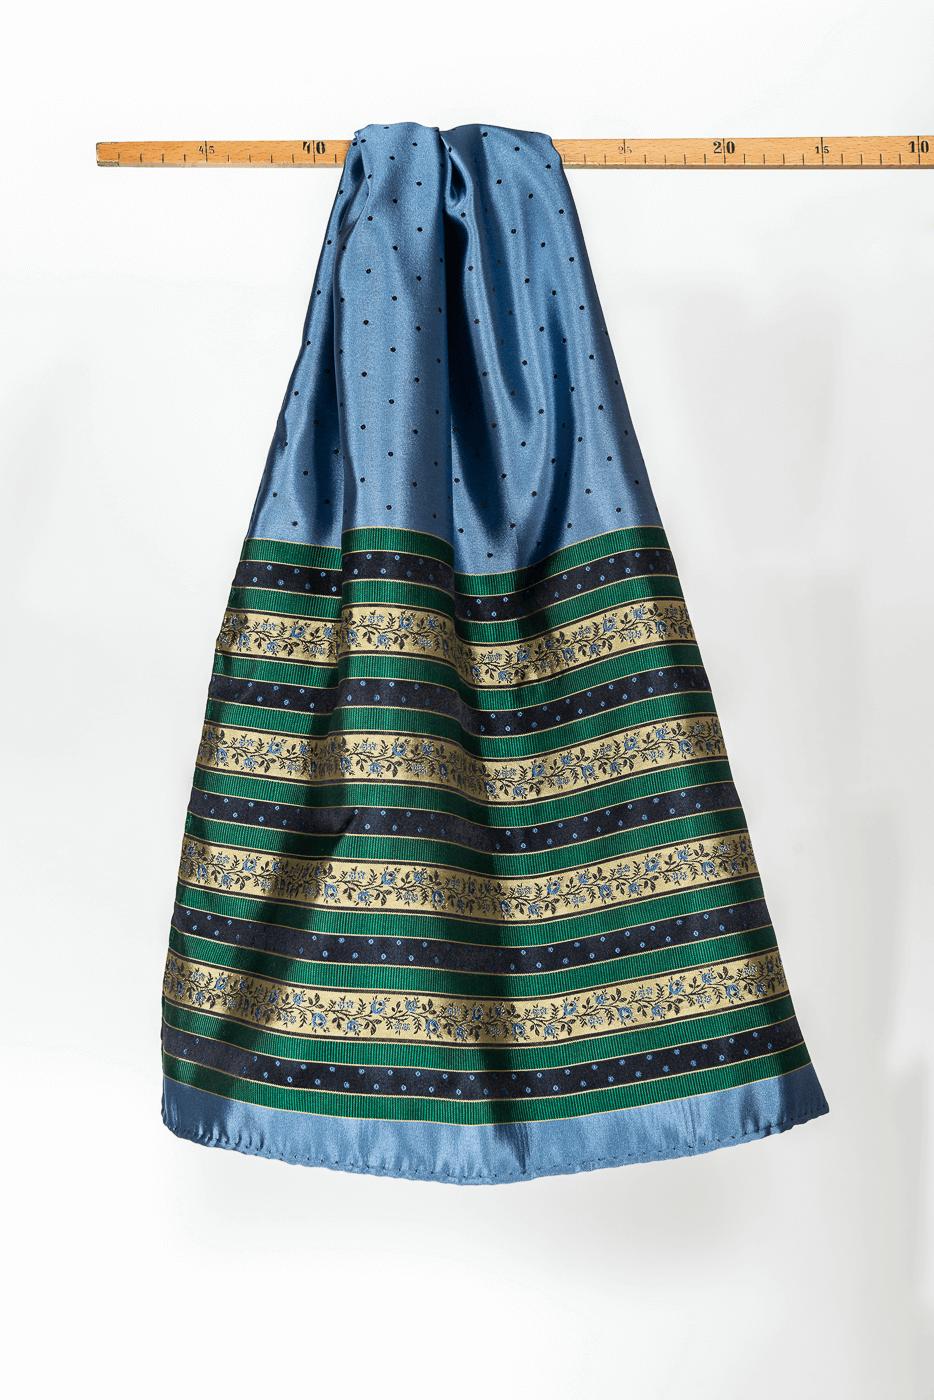 Schal mit Tupfen und grün/blauer Borte, blau